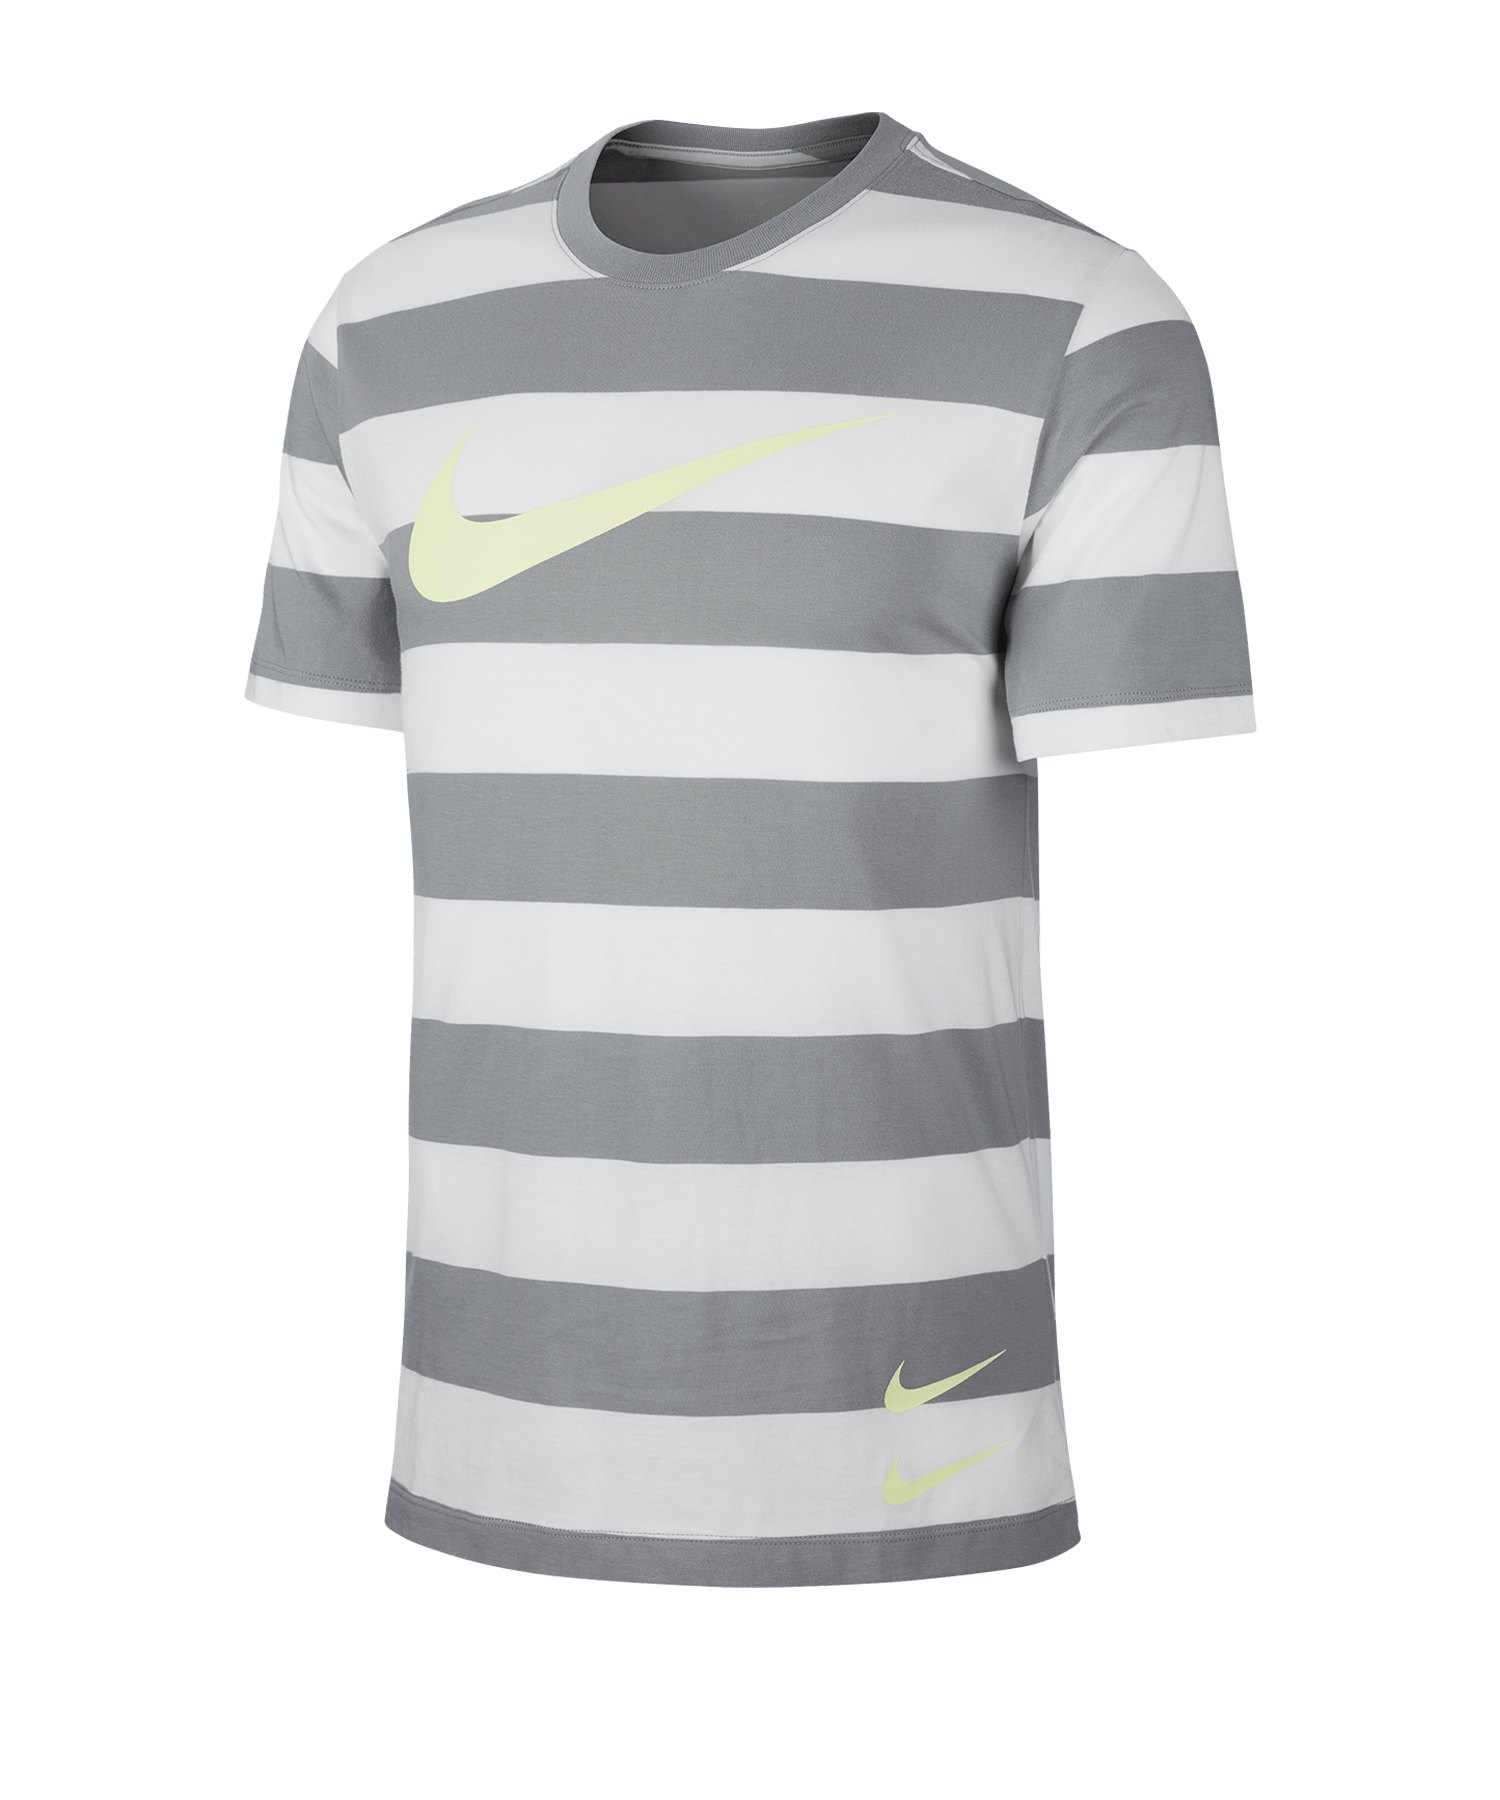 Nike Swoosh Stripe Tee T-Shirt Grau F073 - grau